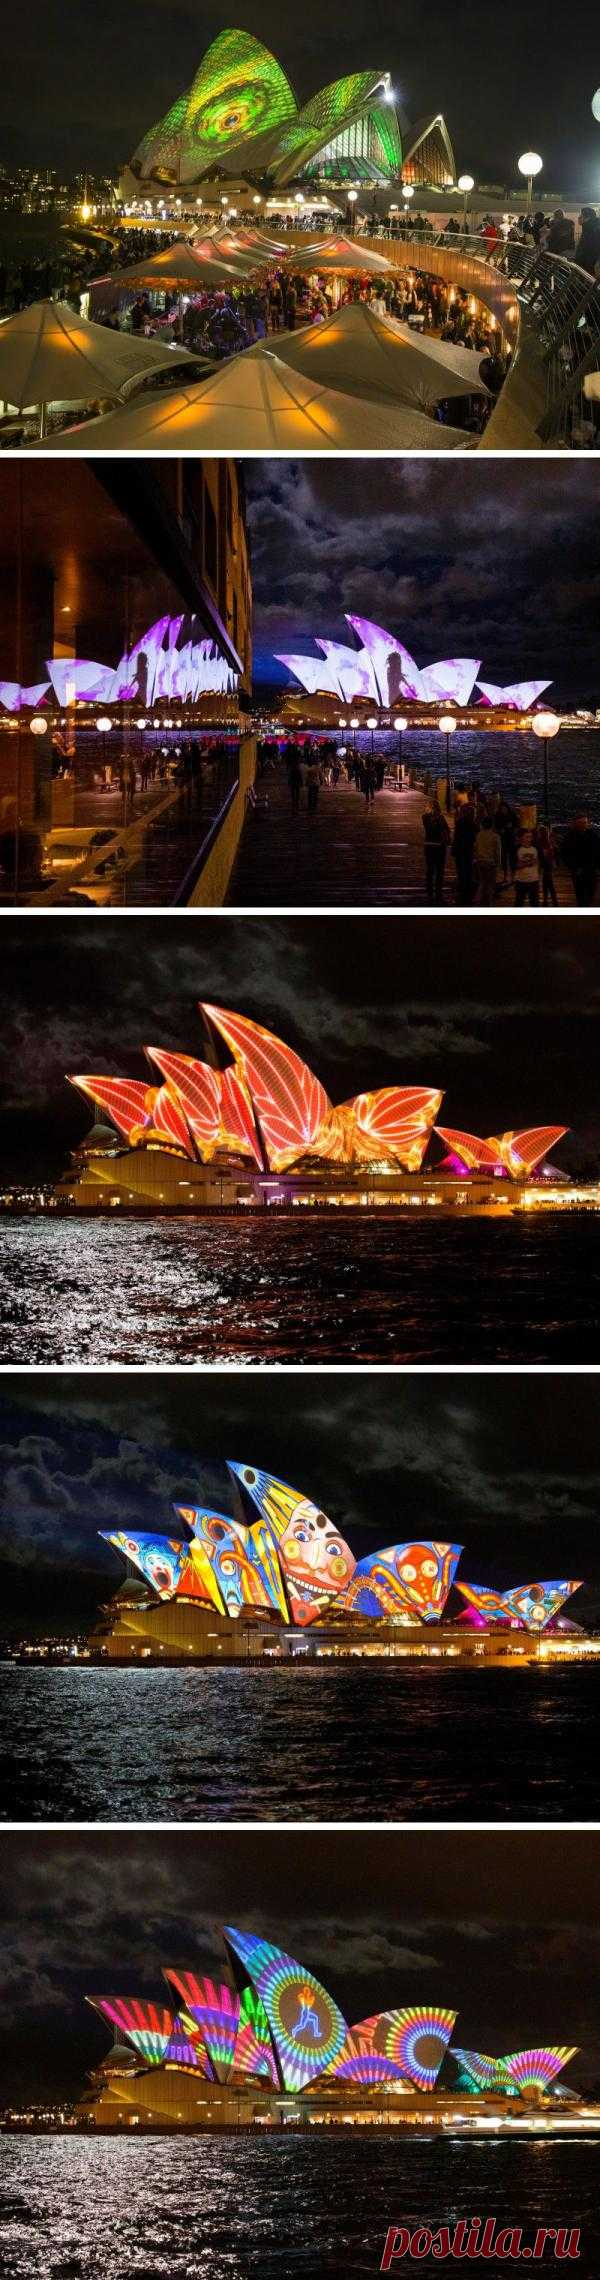 В Австралии сейчас проходит событие, которое называется Vivid Sydney, по сути – фестивалей огней. Праздник посвящен свету, музыке и идеям и будет продолжаться до 10 июня.